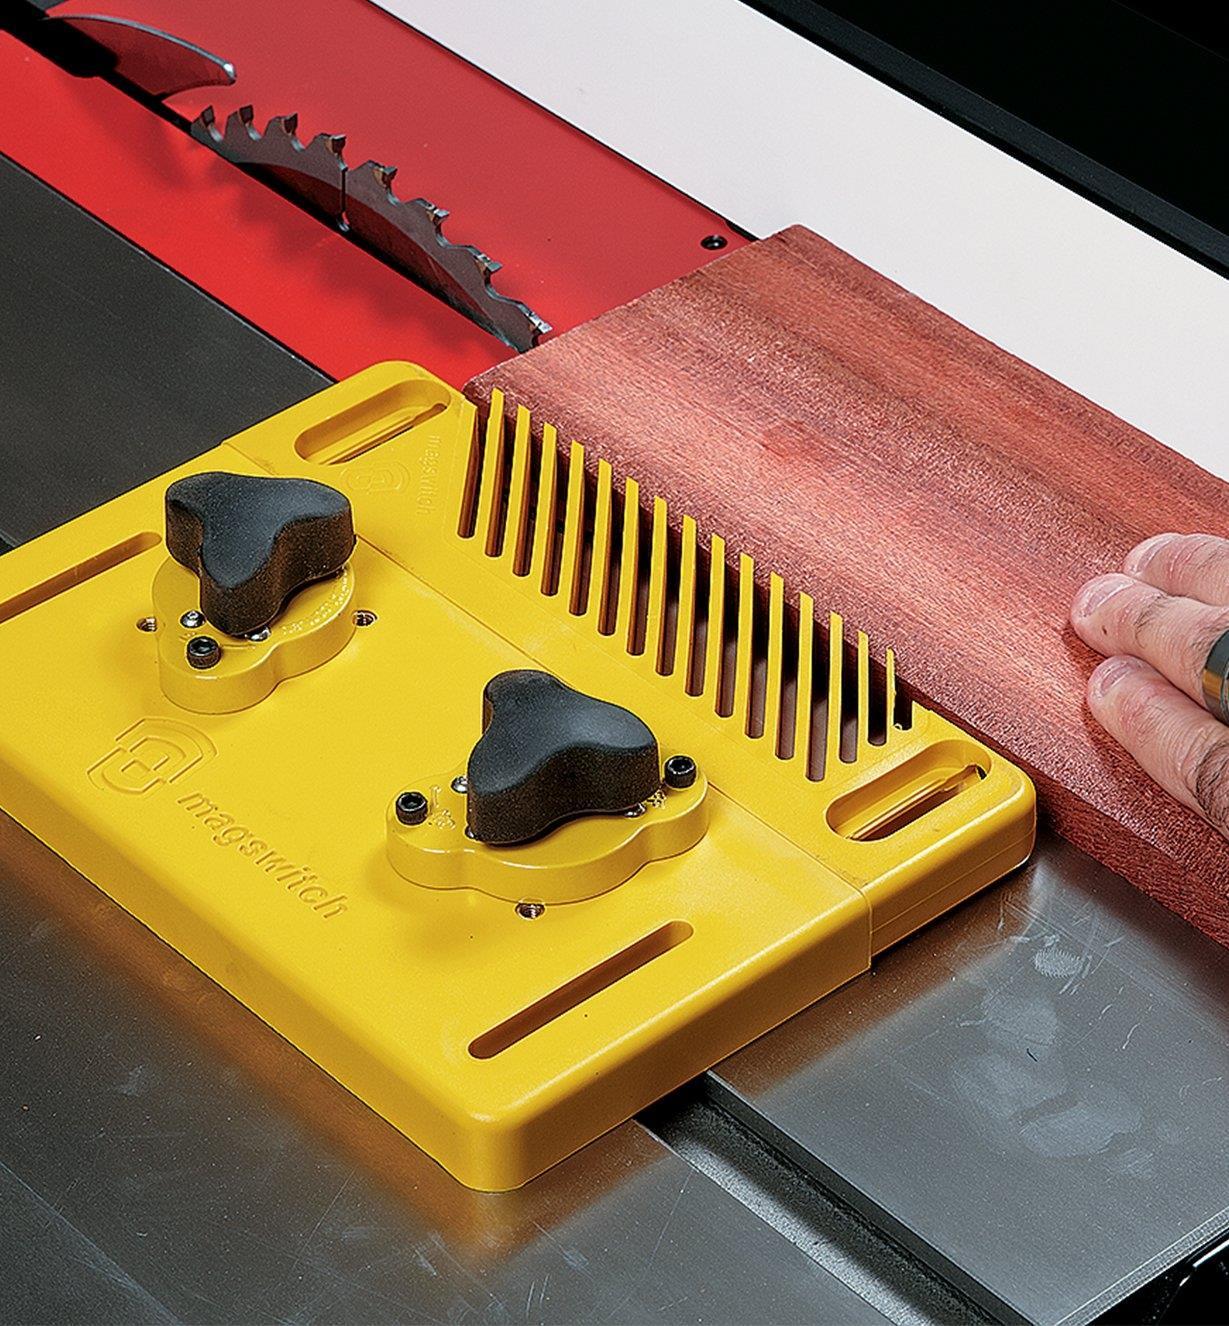 03J7600 - Ensemble comprenant la base, deux aimants de serrage Mag-Jig 30mm et un presseur à peigne